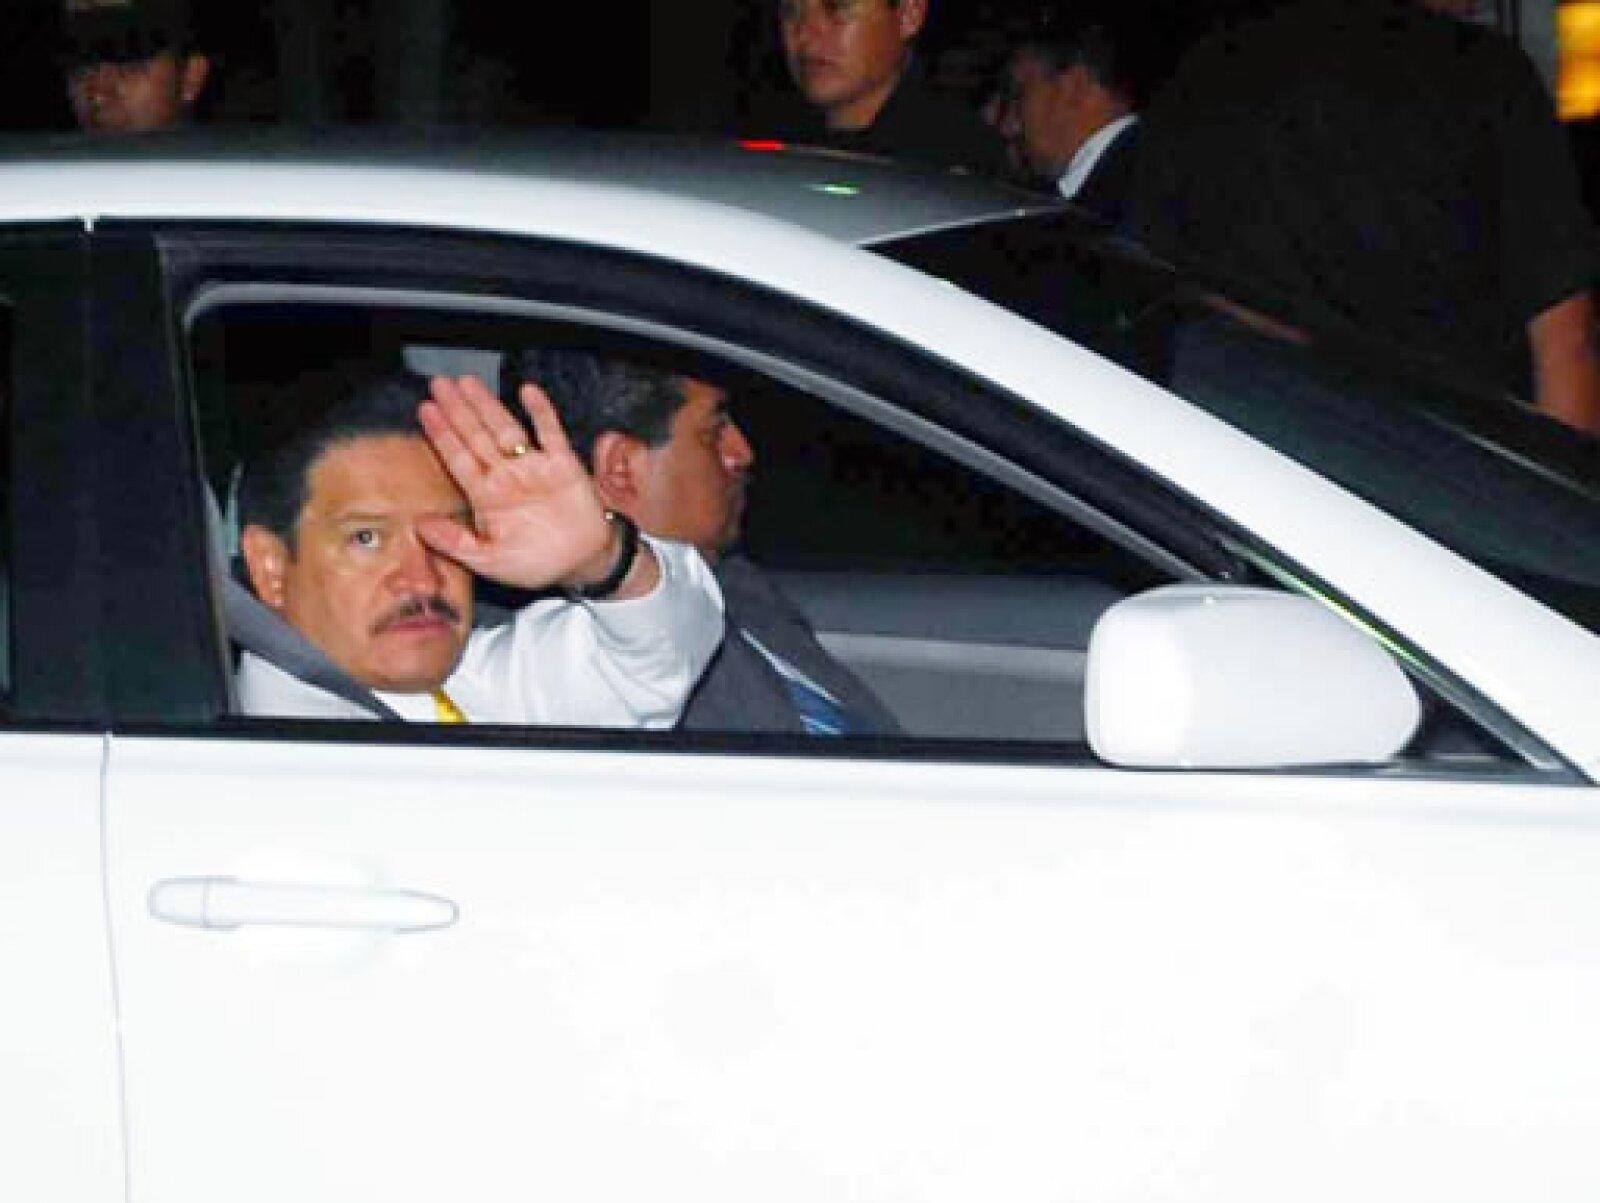 El senador del PRD, Carlos Navarrete, a su salida del Museo de Antropología e Historia después de la cena ofrecida al presidente Obama.